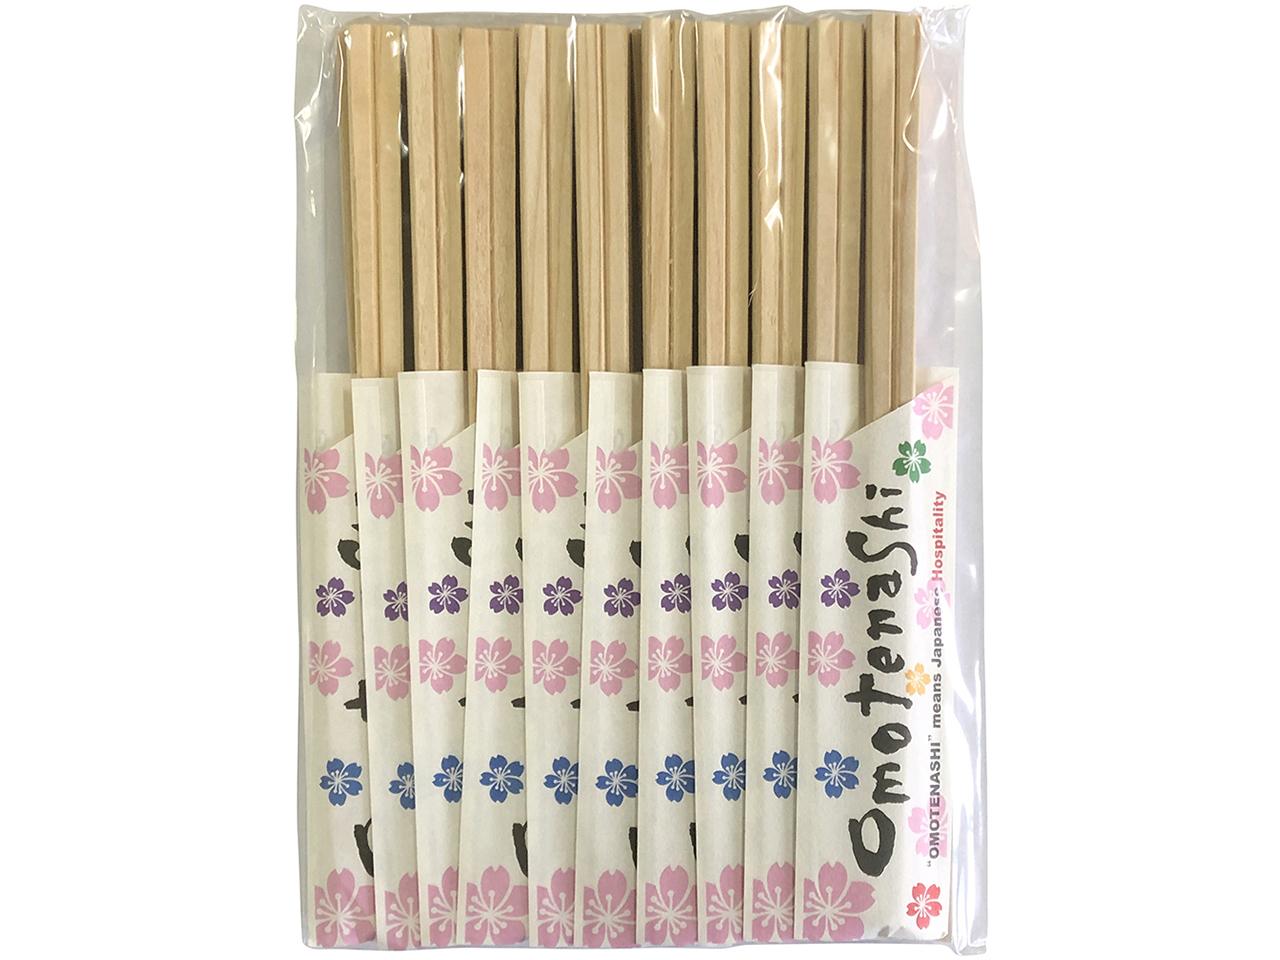 国産ヒノキの割り箸 「おもてなし箸 桧元禄20膳」 ポストIN発送対応商品